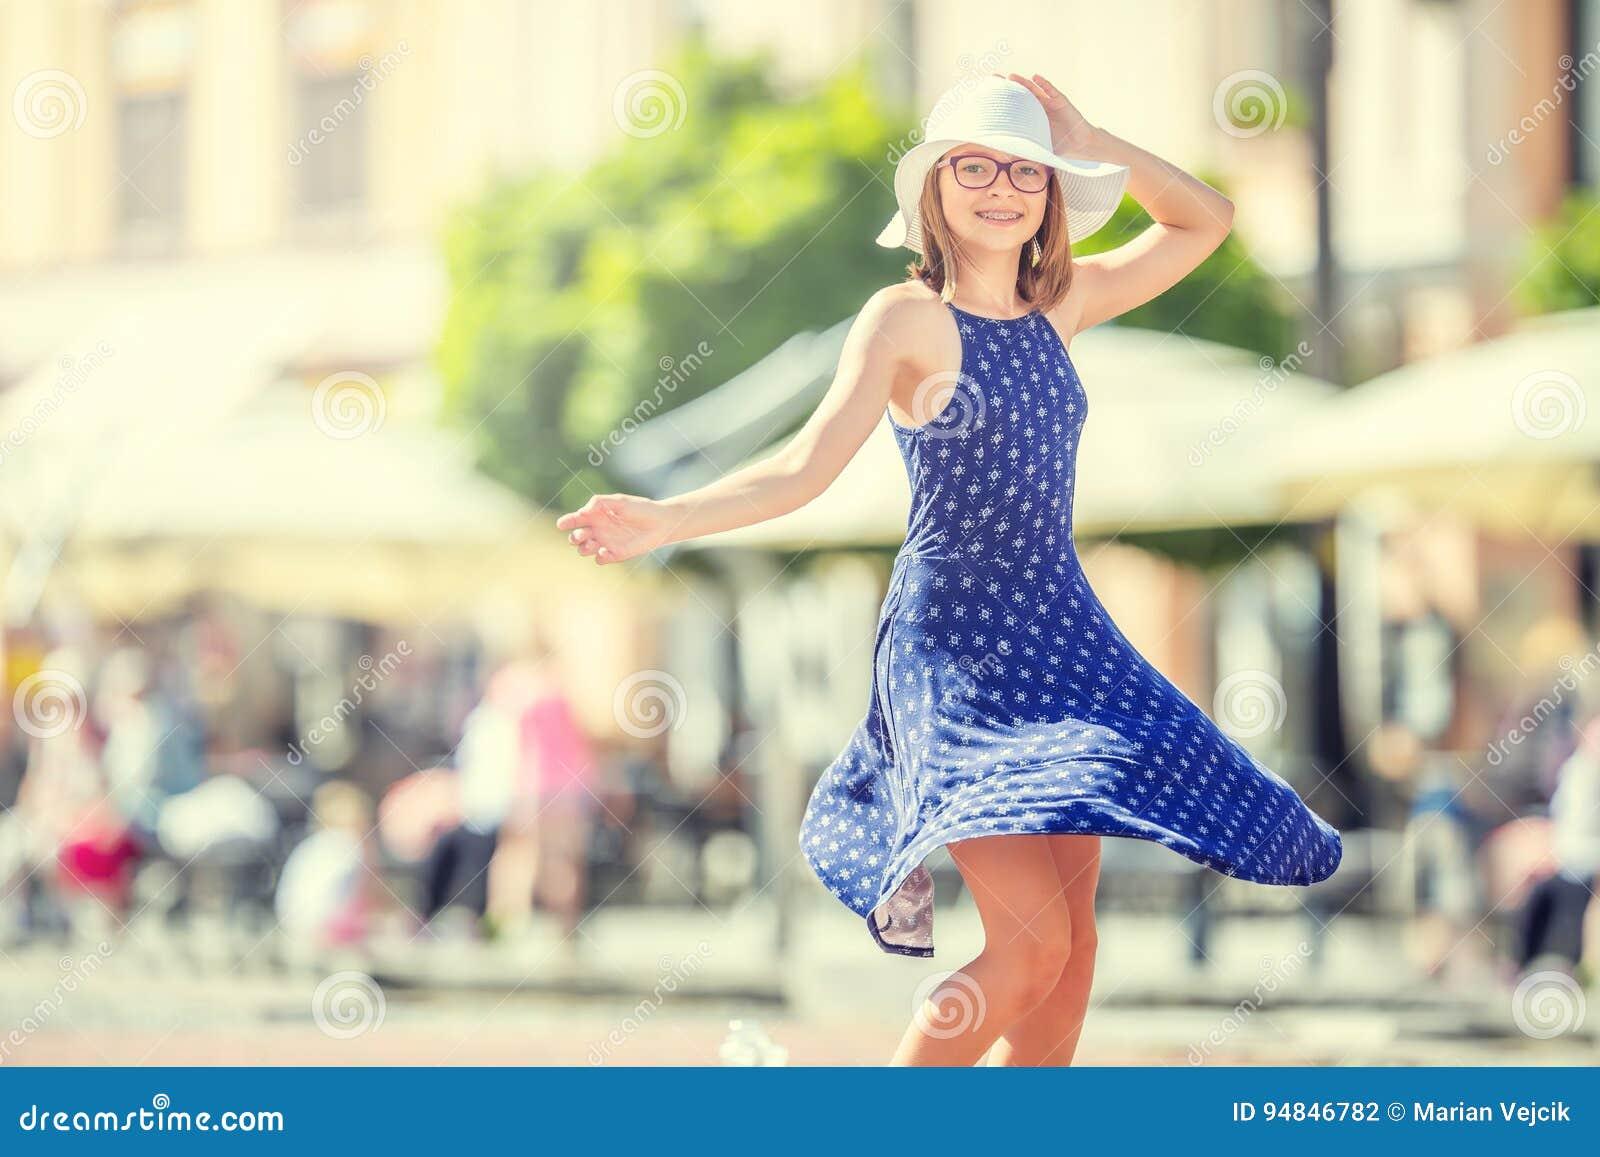 在街道上的美好的逗人喜爱的女孩跳舞从幸福 逗人喜爱的愉快的女孩在夏天给跳舞穿衣在阳光下